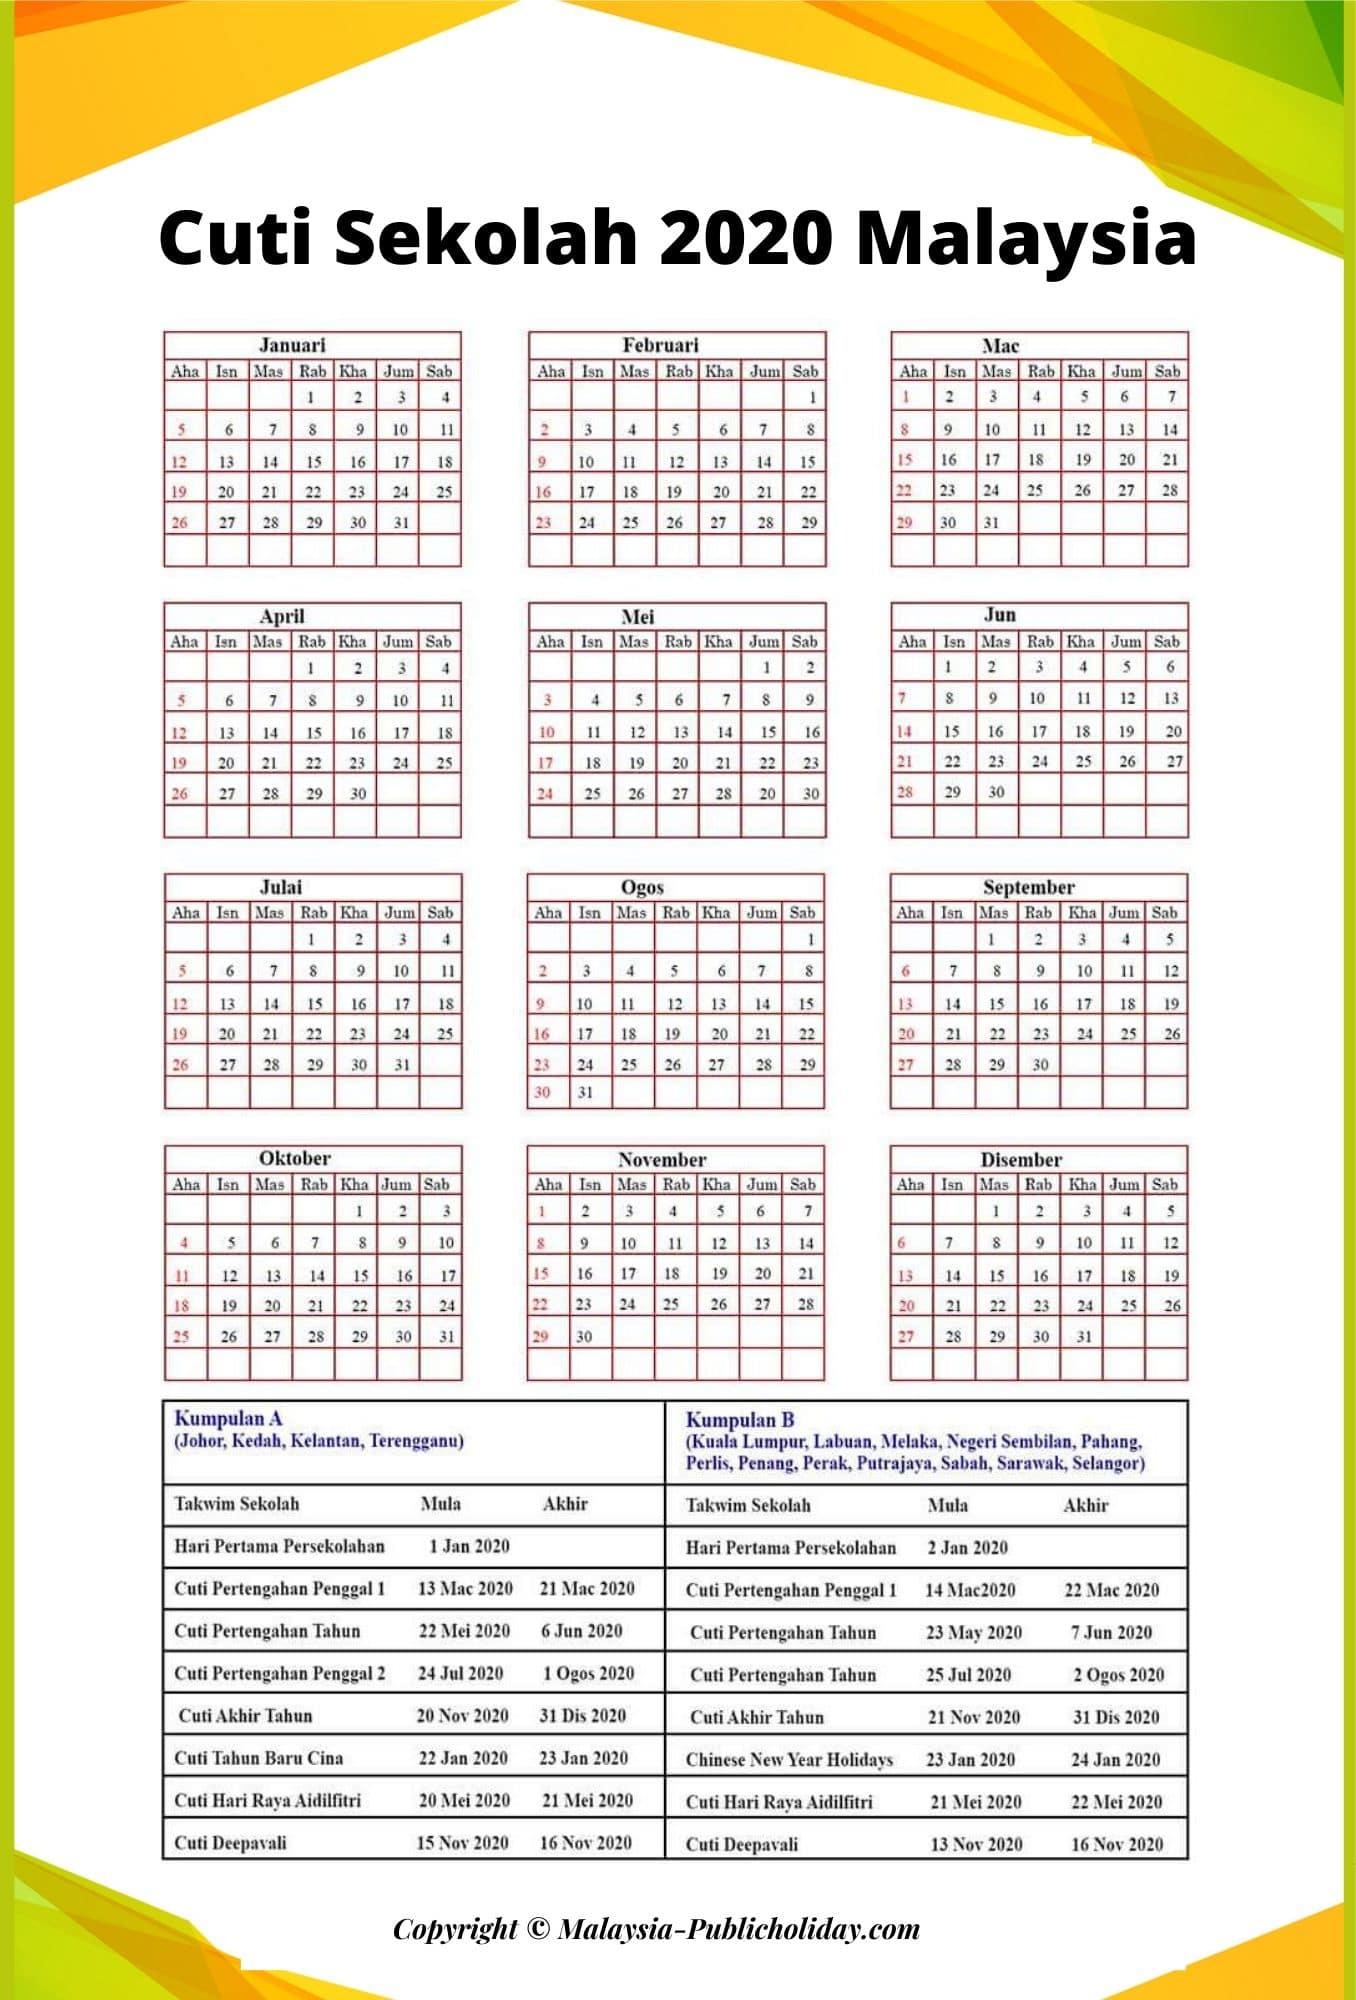 2020 Cuti Sekolah Kalendar